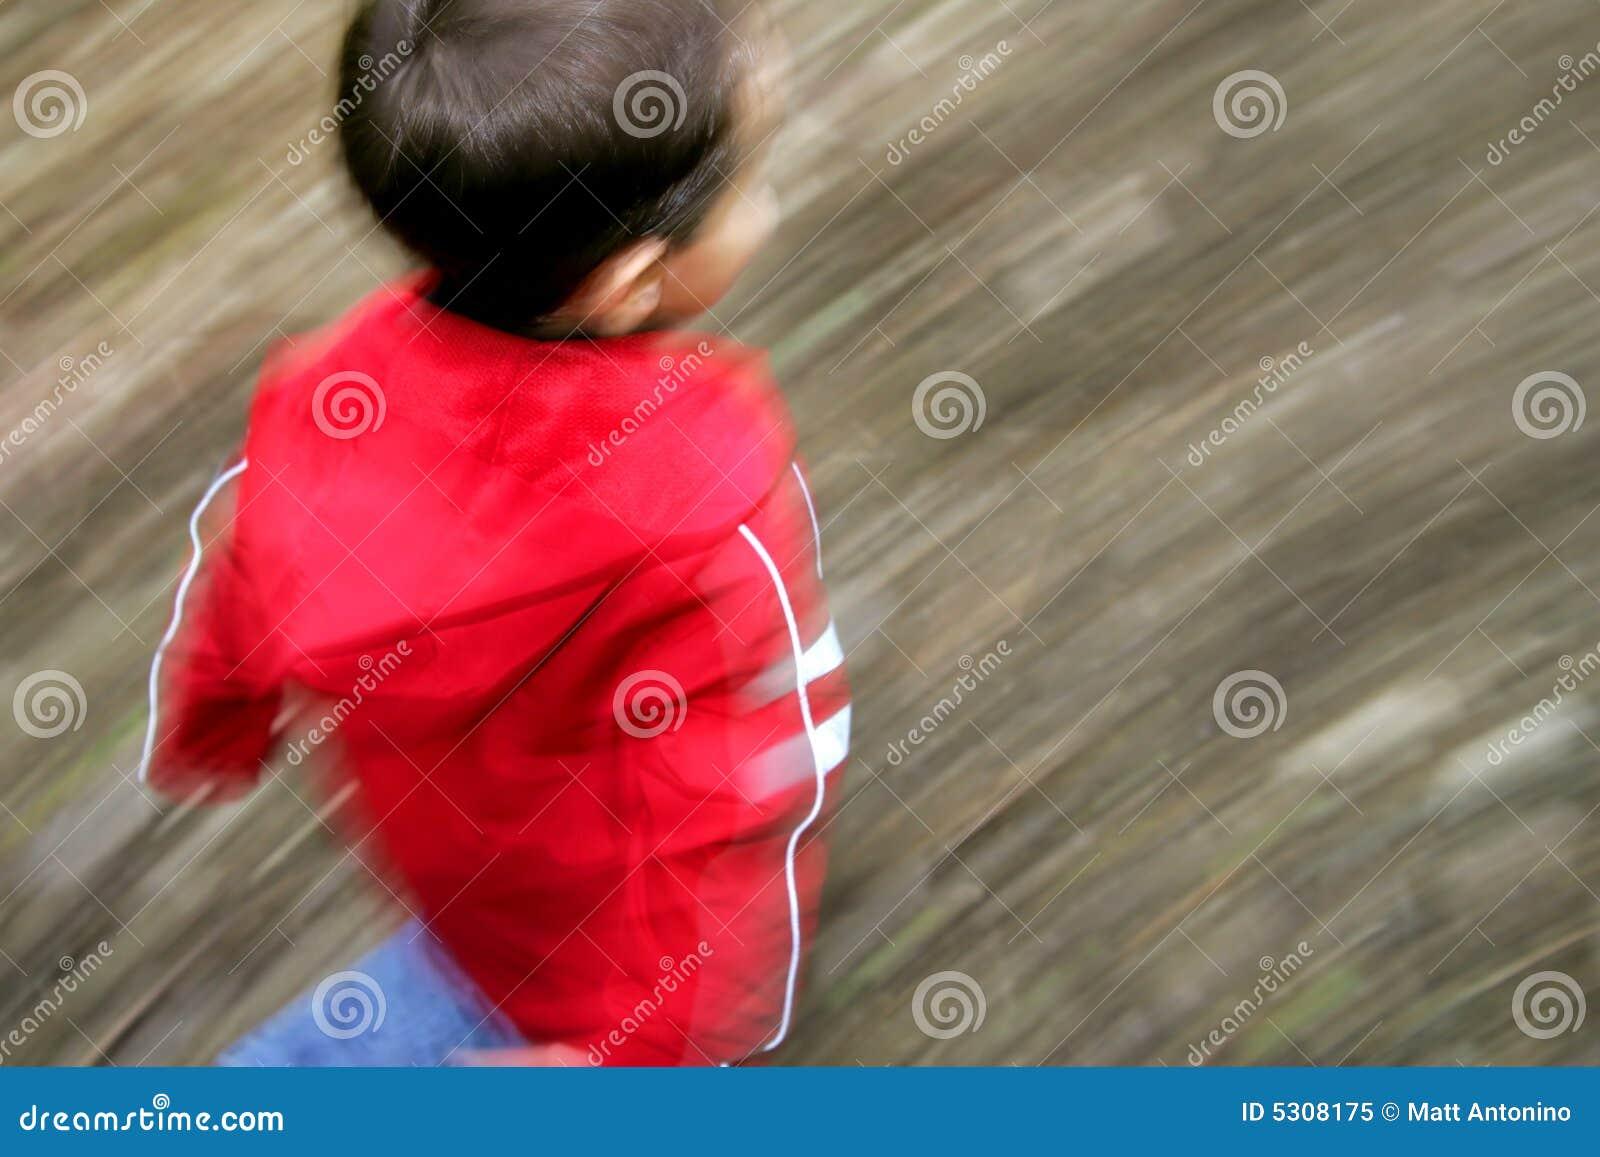 Download Ragazzo Che Funziona Con La Sfuocatura Di Movimento Immagine Stock - Immagine di corsa, vaschetta: 5308175